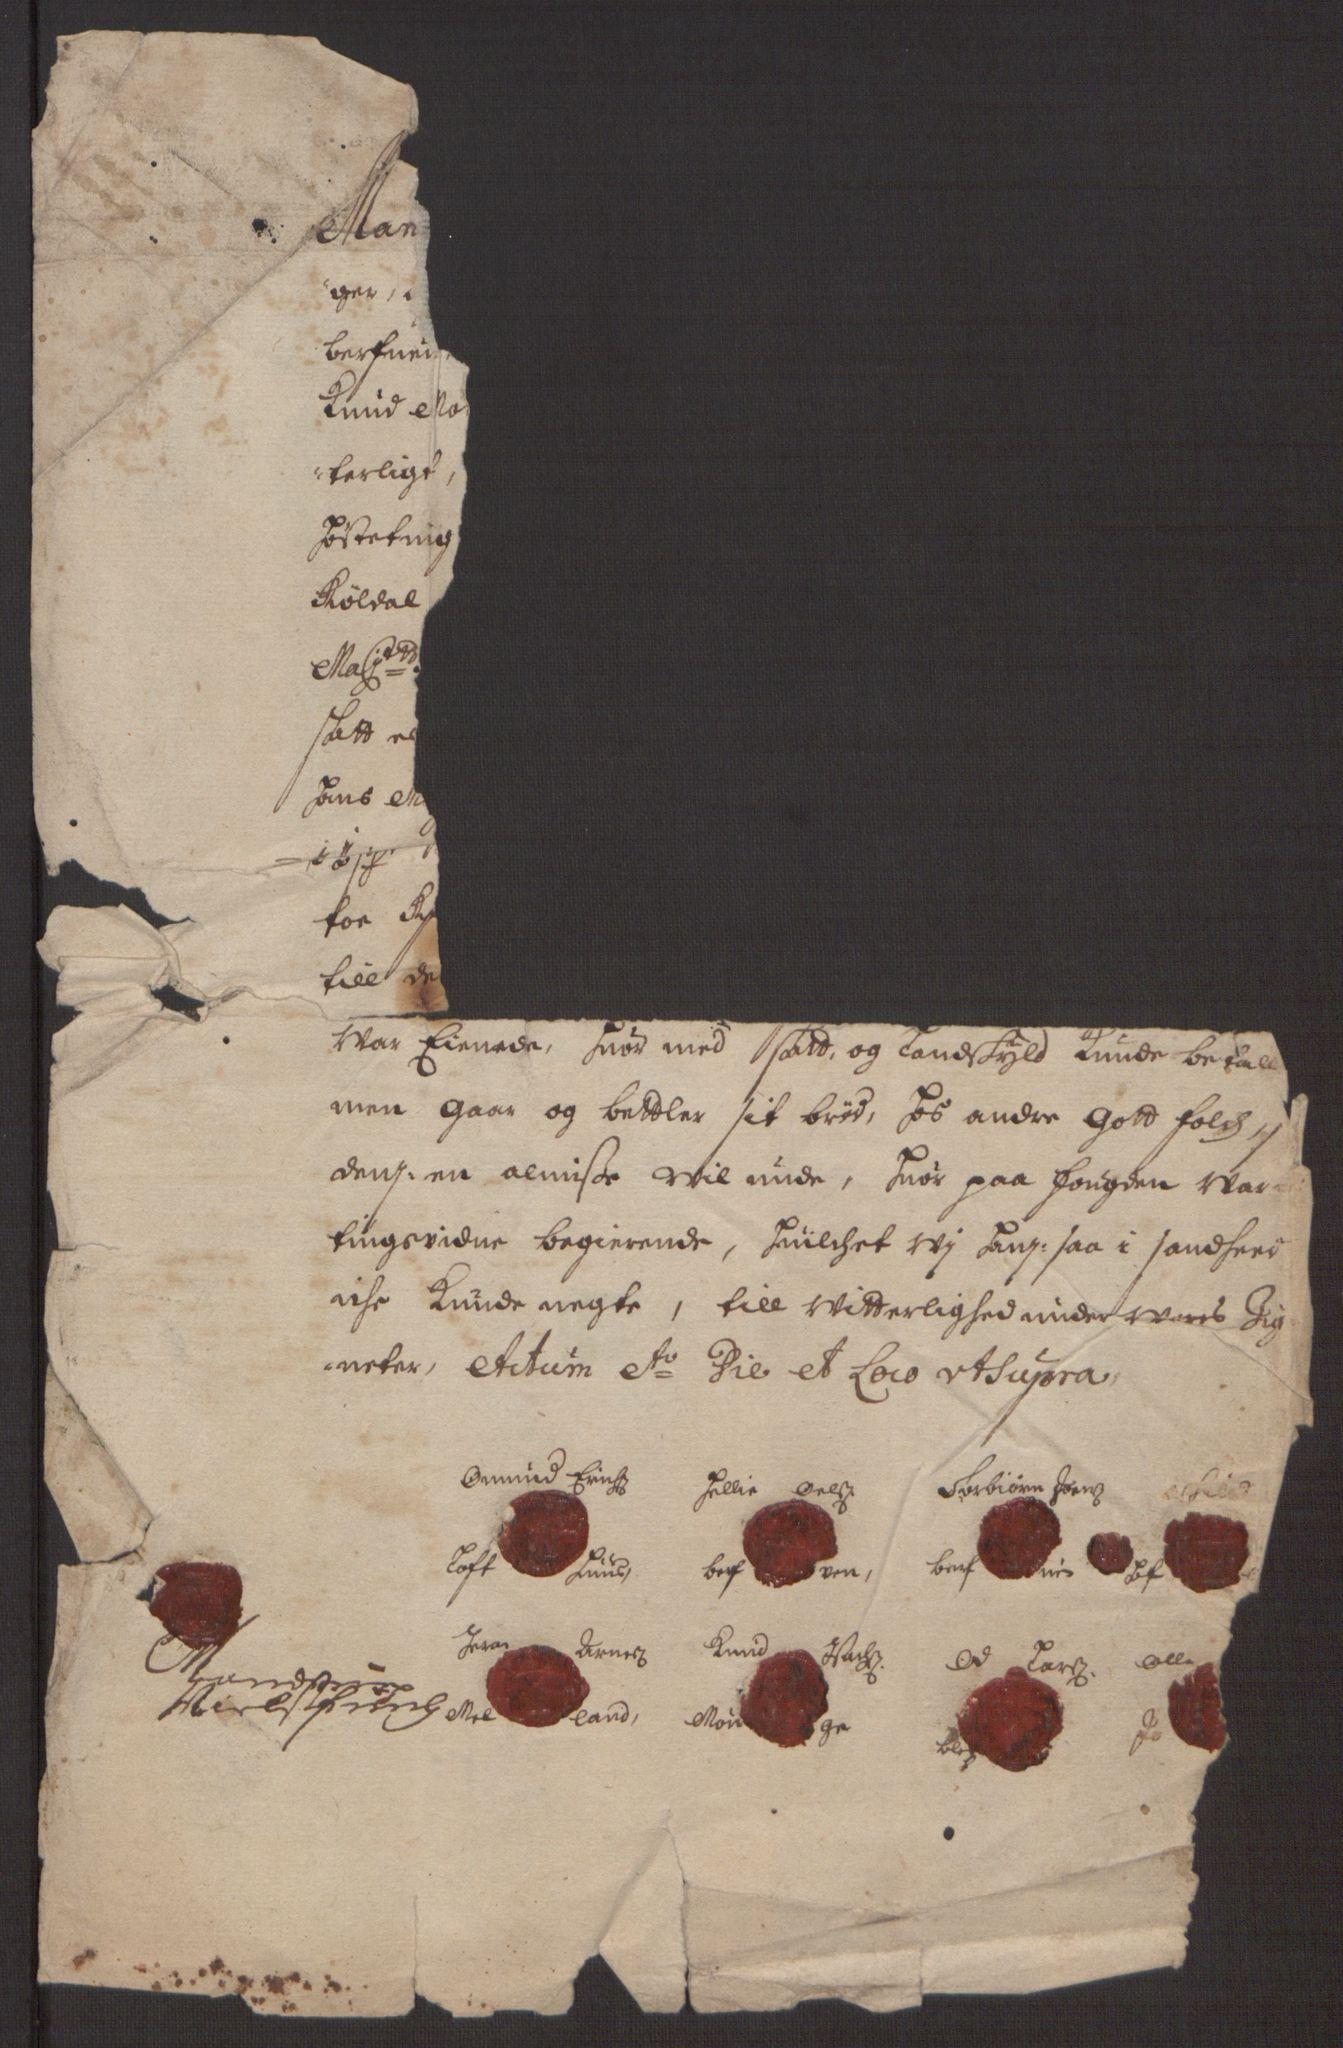 RA, Rentekammeret inntil 1814, Reviderte regnskaper, Fogderegnskap, R48/L2973: Fogderegnskap Sunnhordland og Hardanger, 1691-1692, s. 153